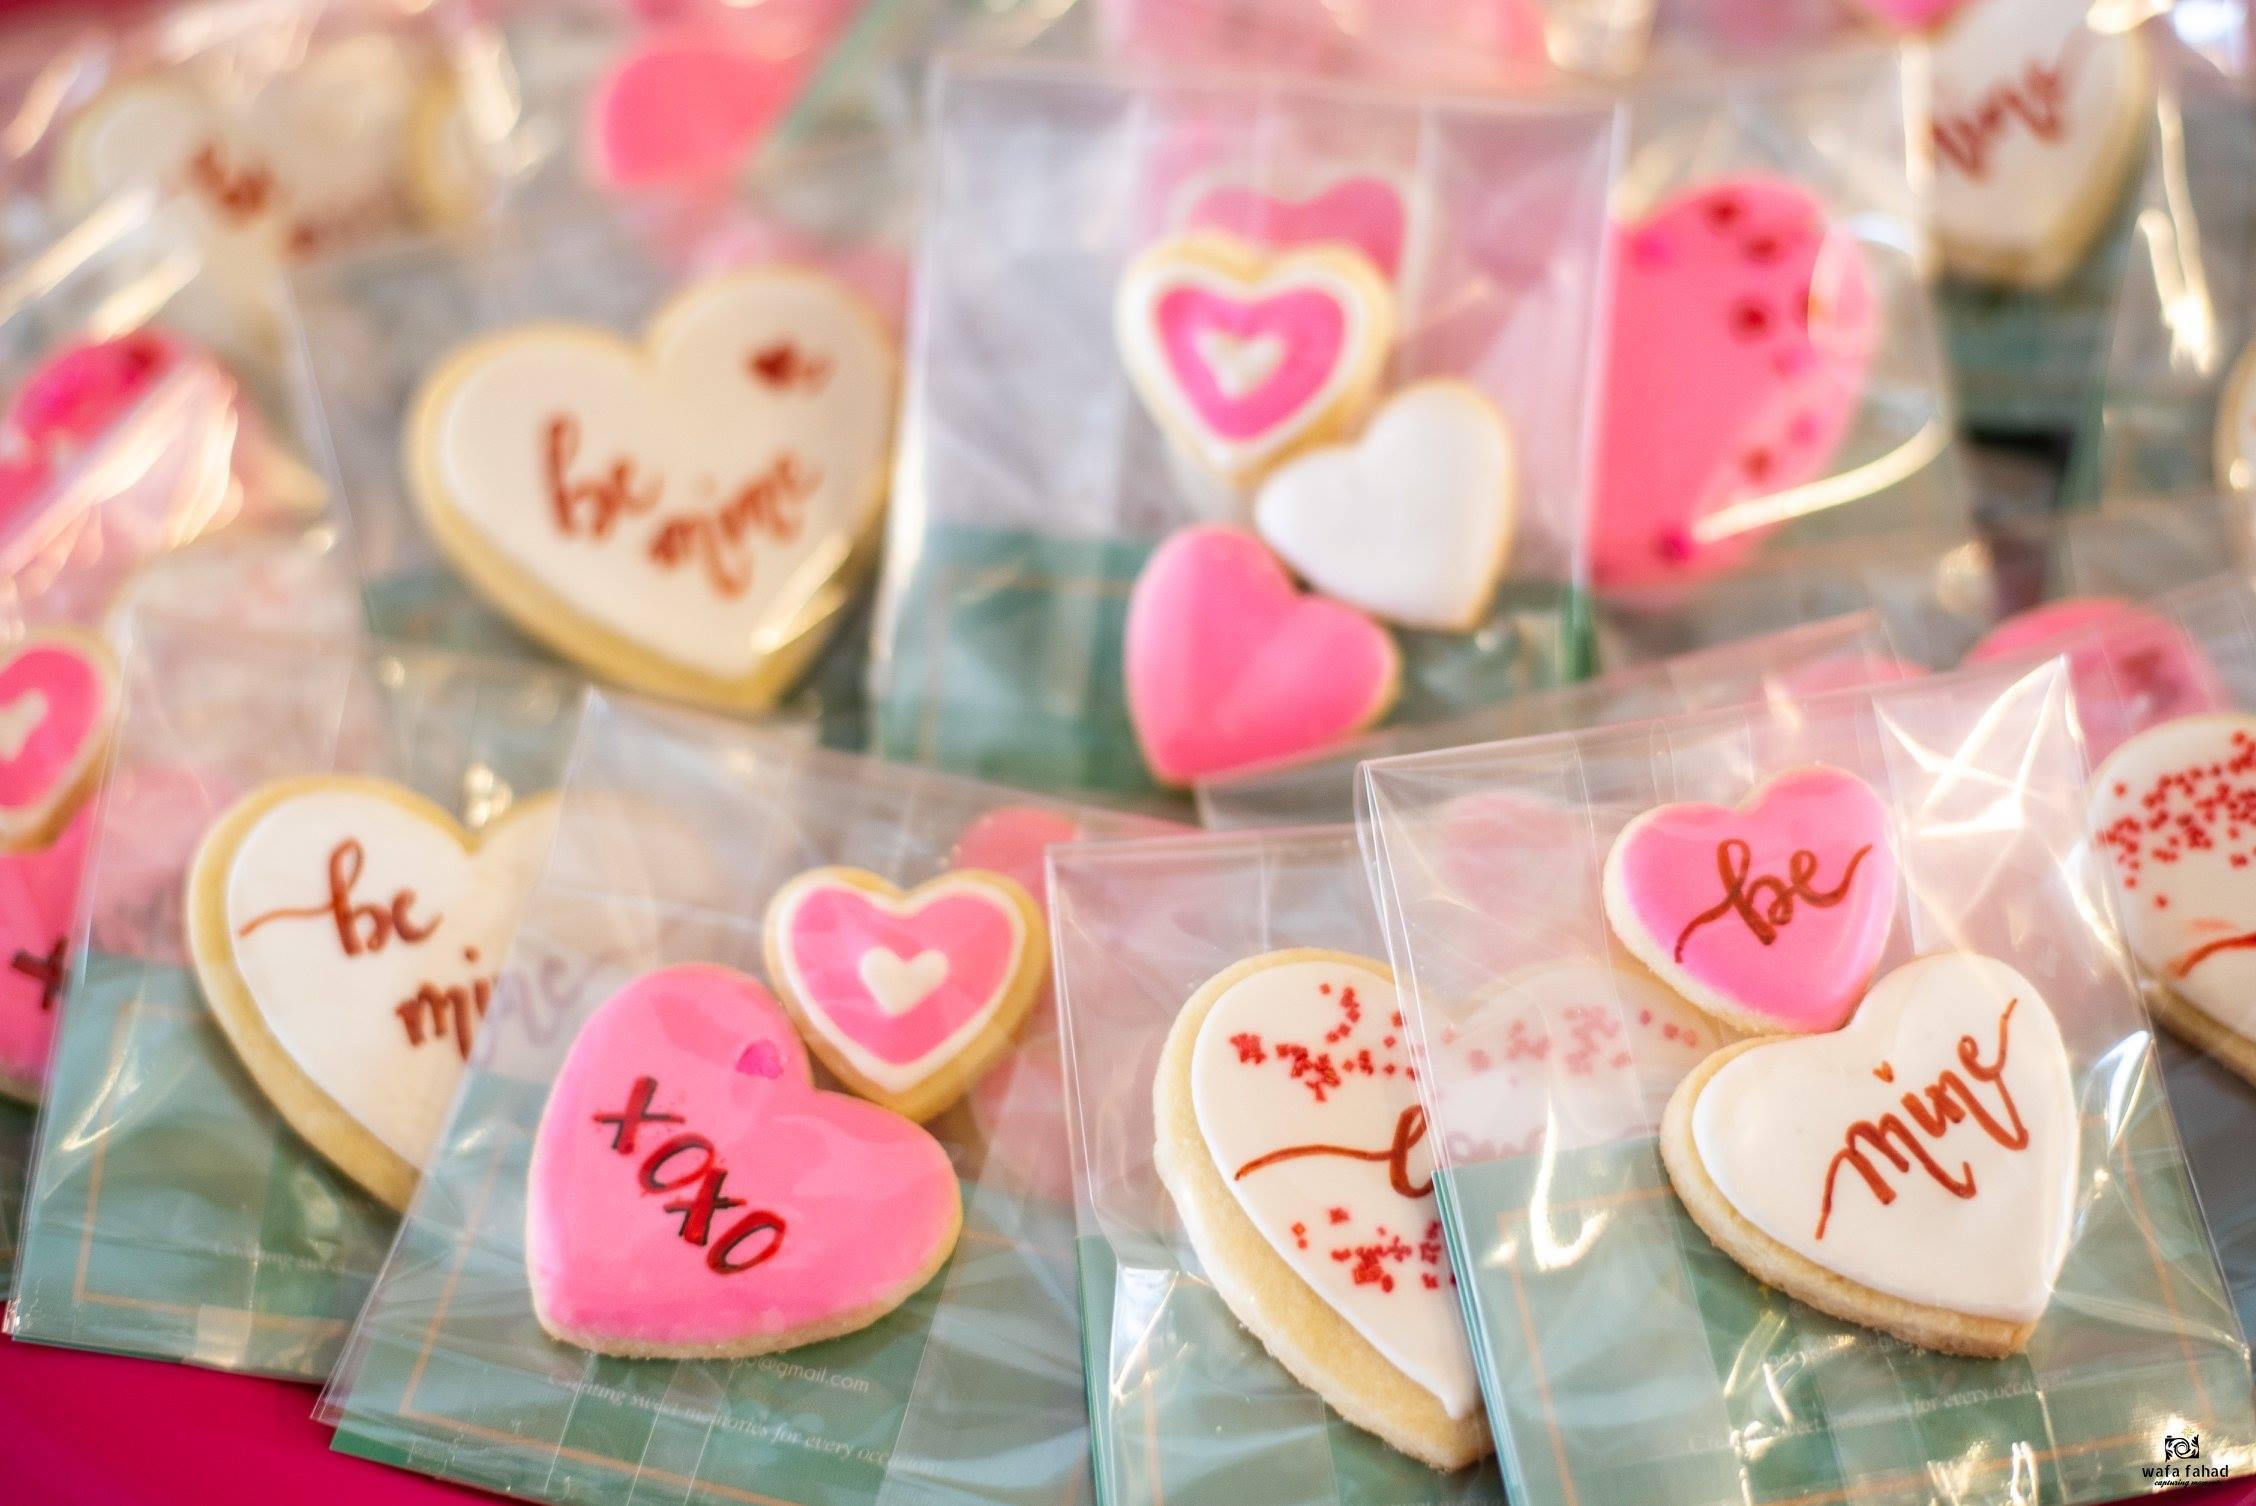 Cookies by: Cake by Sadaf